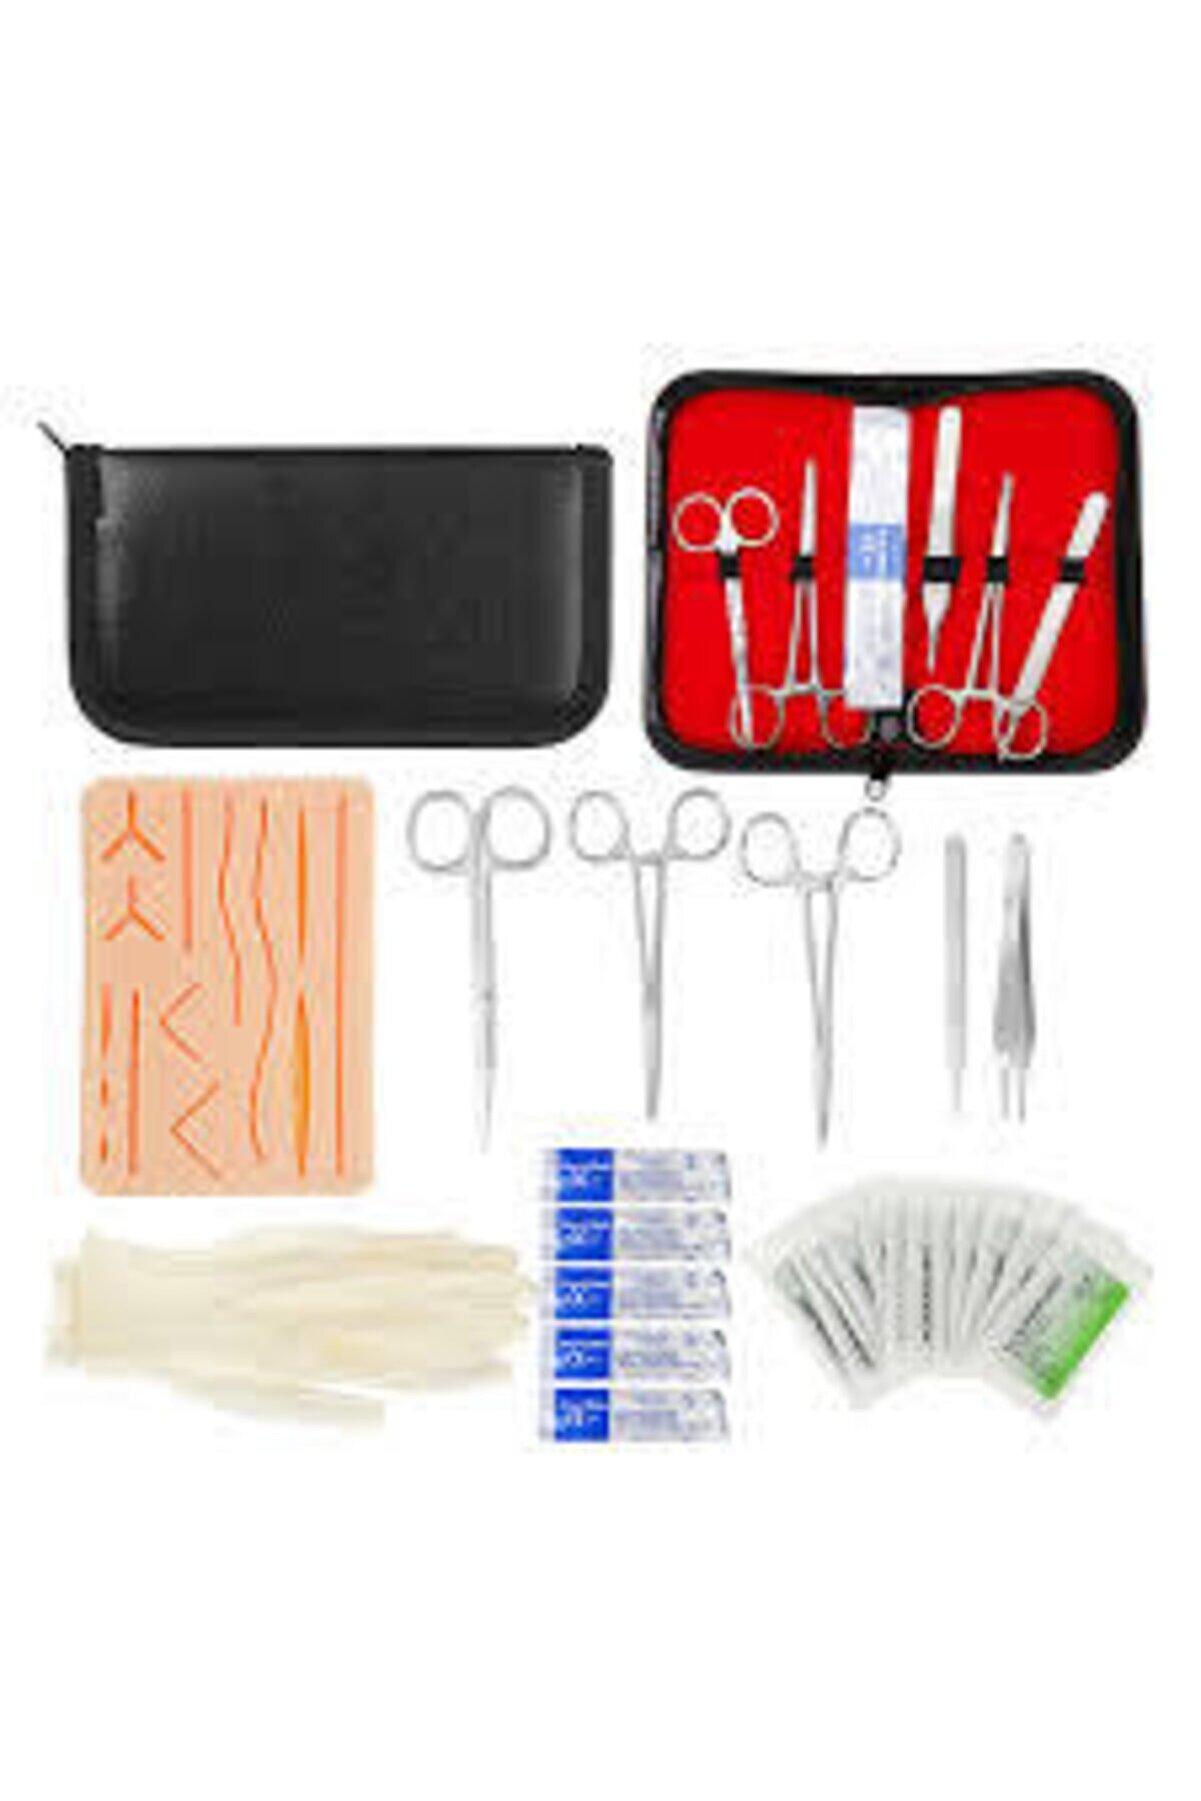 Easy Diş Ve Veteriner Hekimliği, Sütür Eğitim Kiti, Genel Cerrahi Sütür Pratik Kiti , Dikiş Atma Seti